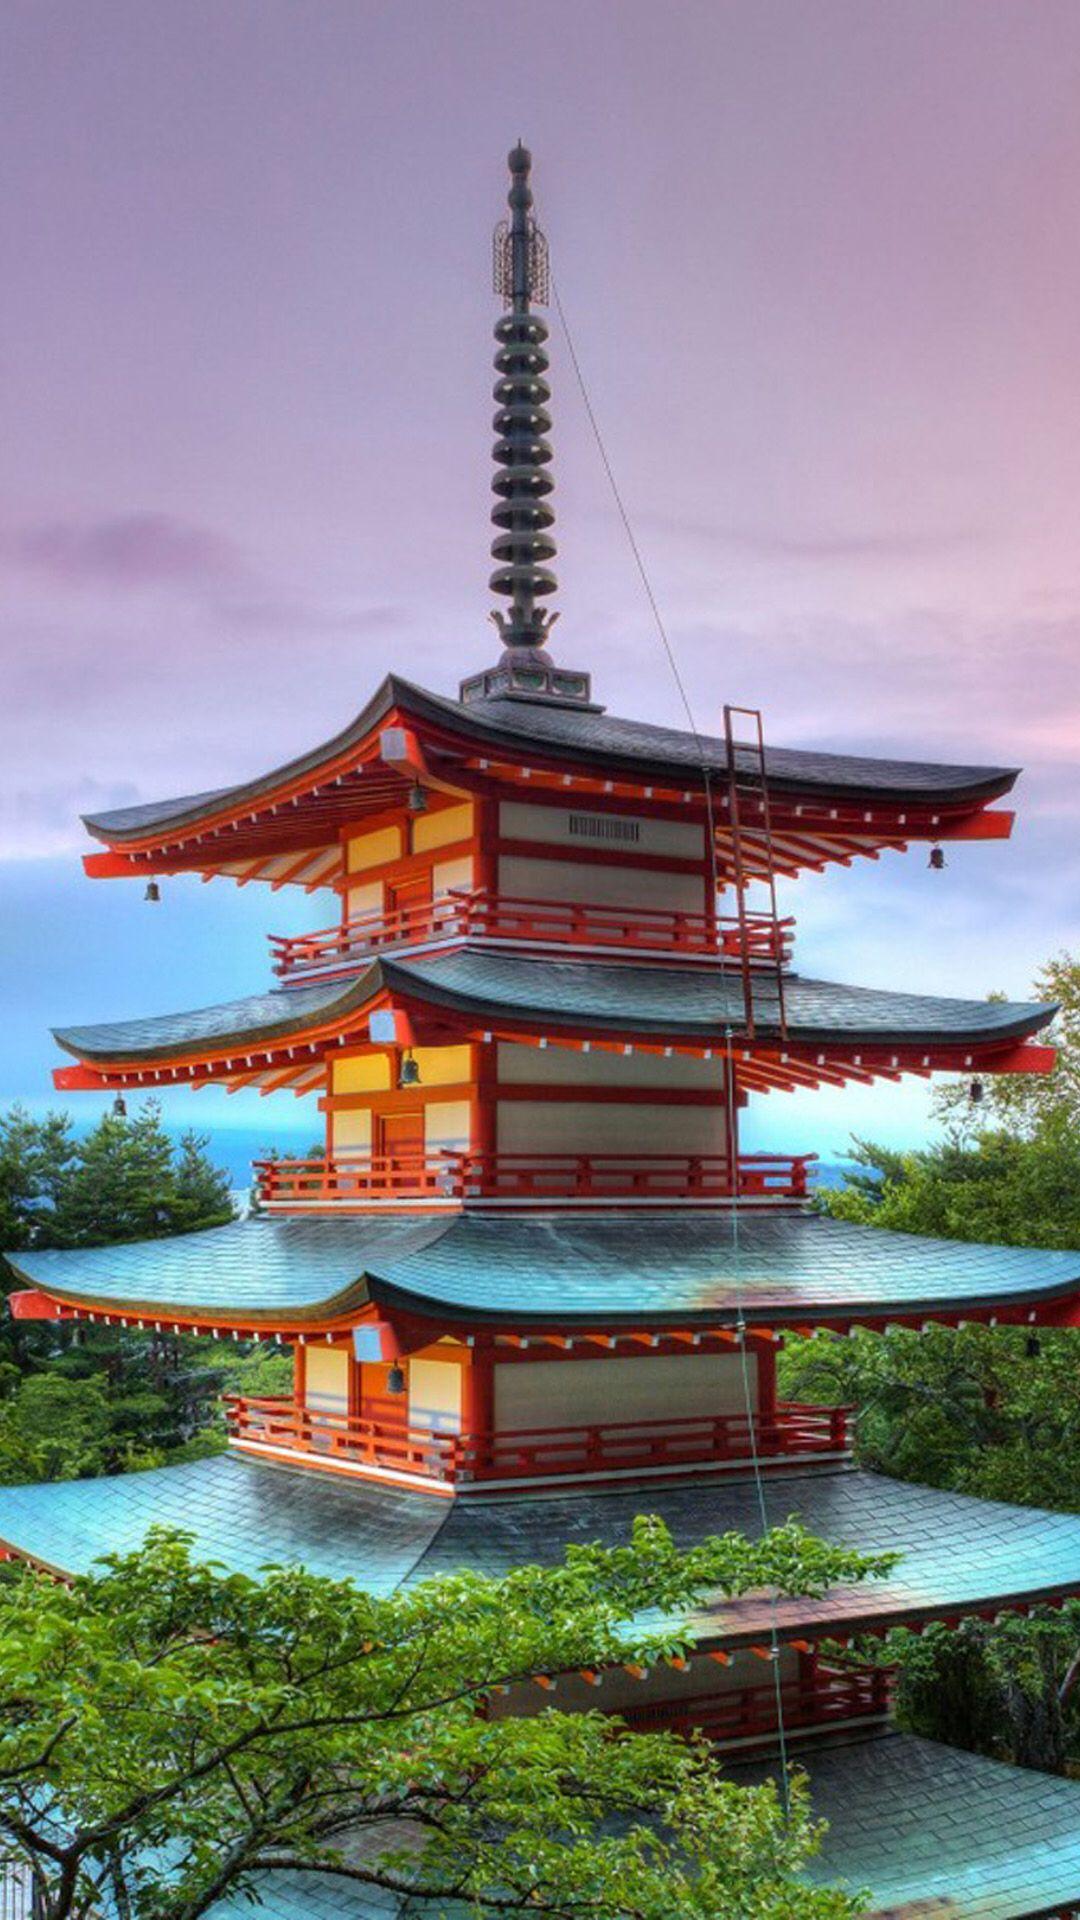 Japanese Pagoda Arquitectonico Paisajes Monumentos